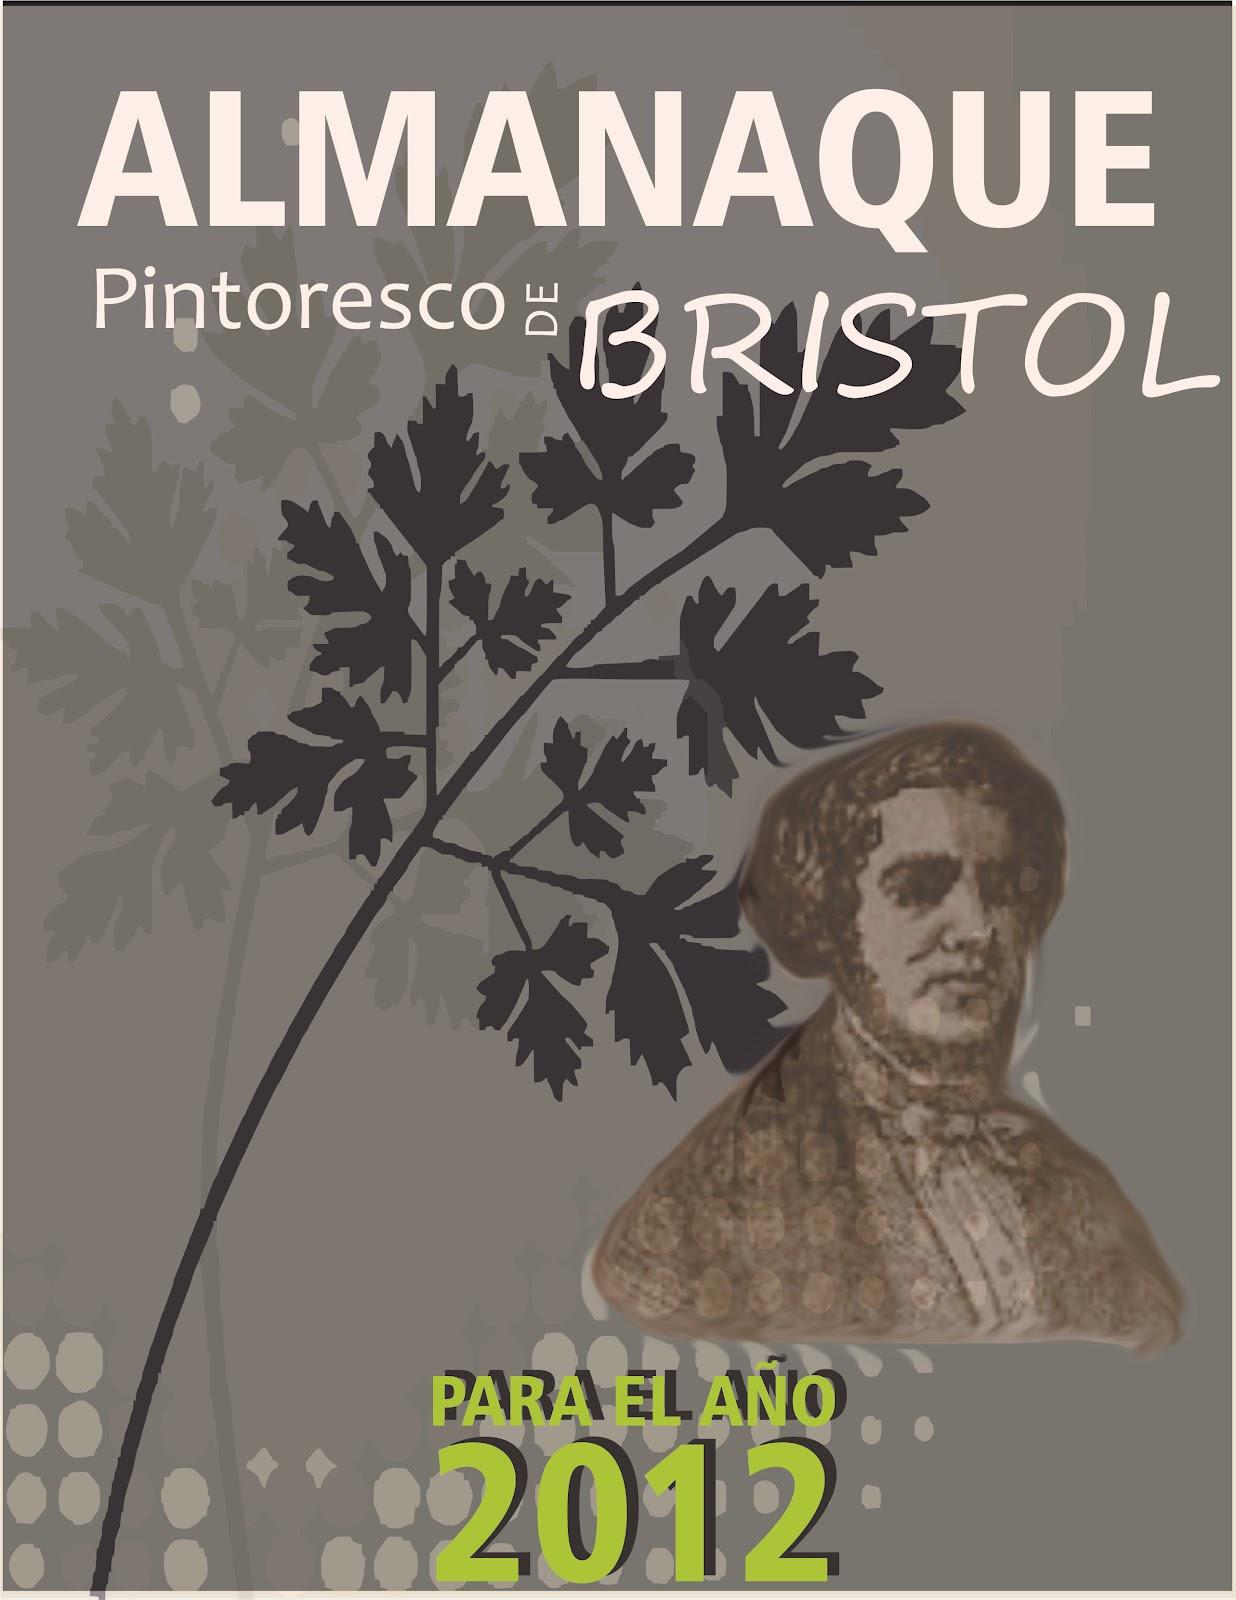 Almanaque de bristol el almanaque de los santos for Almanaque bristol 2016